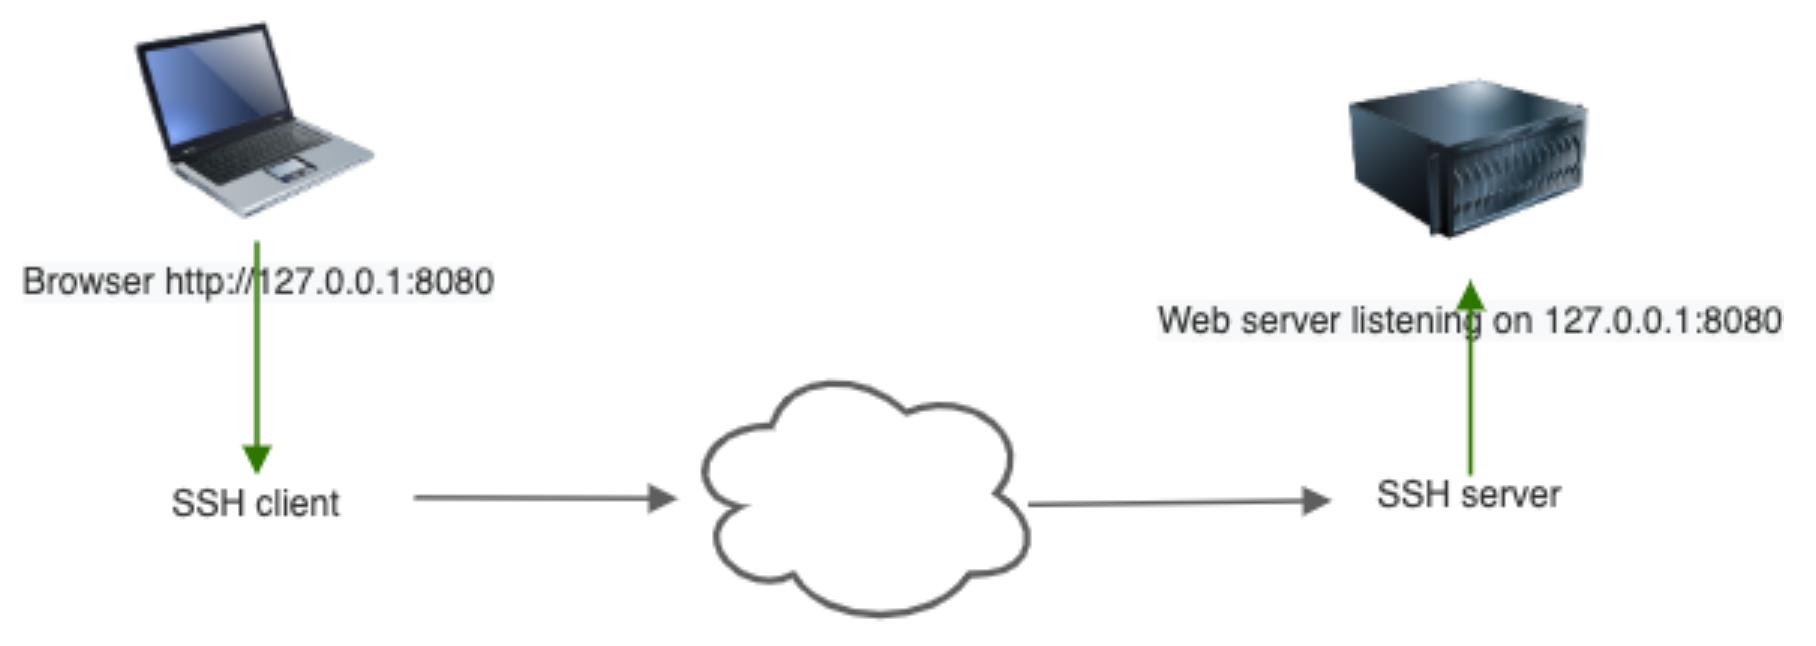 Basic port forwarding